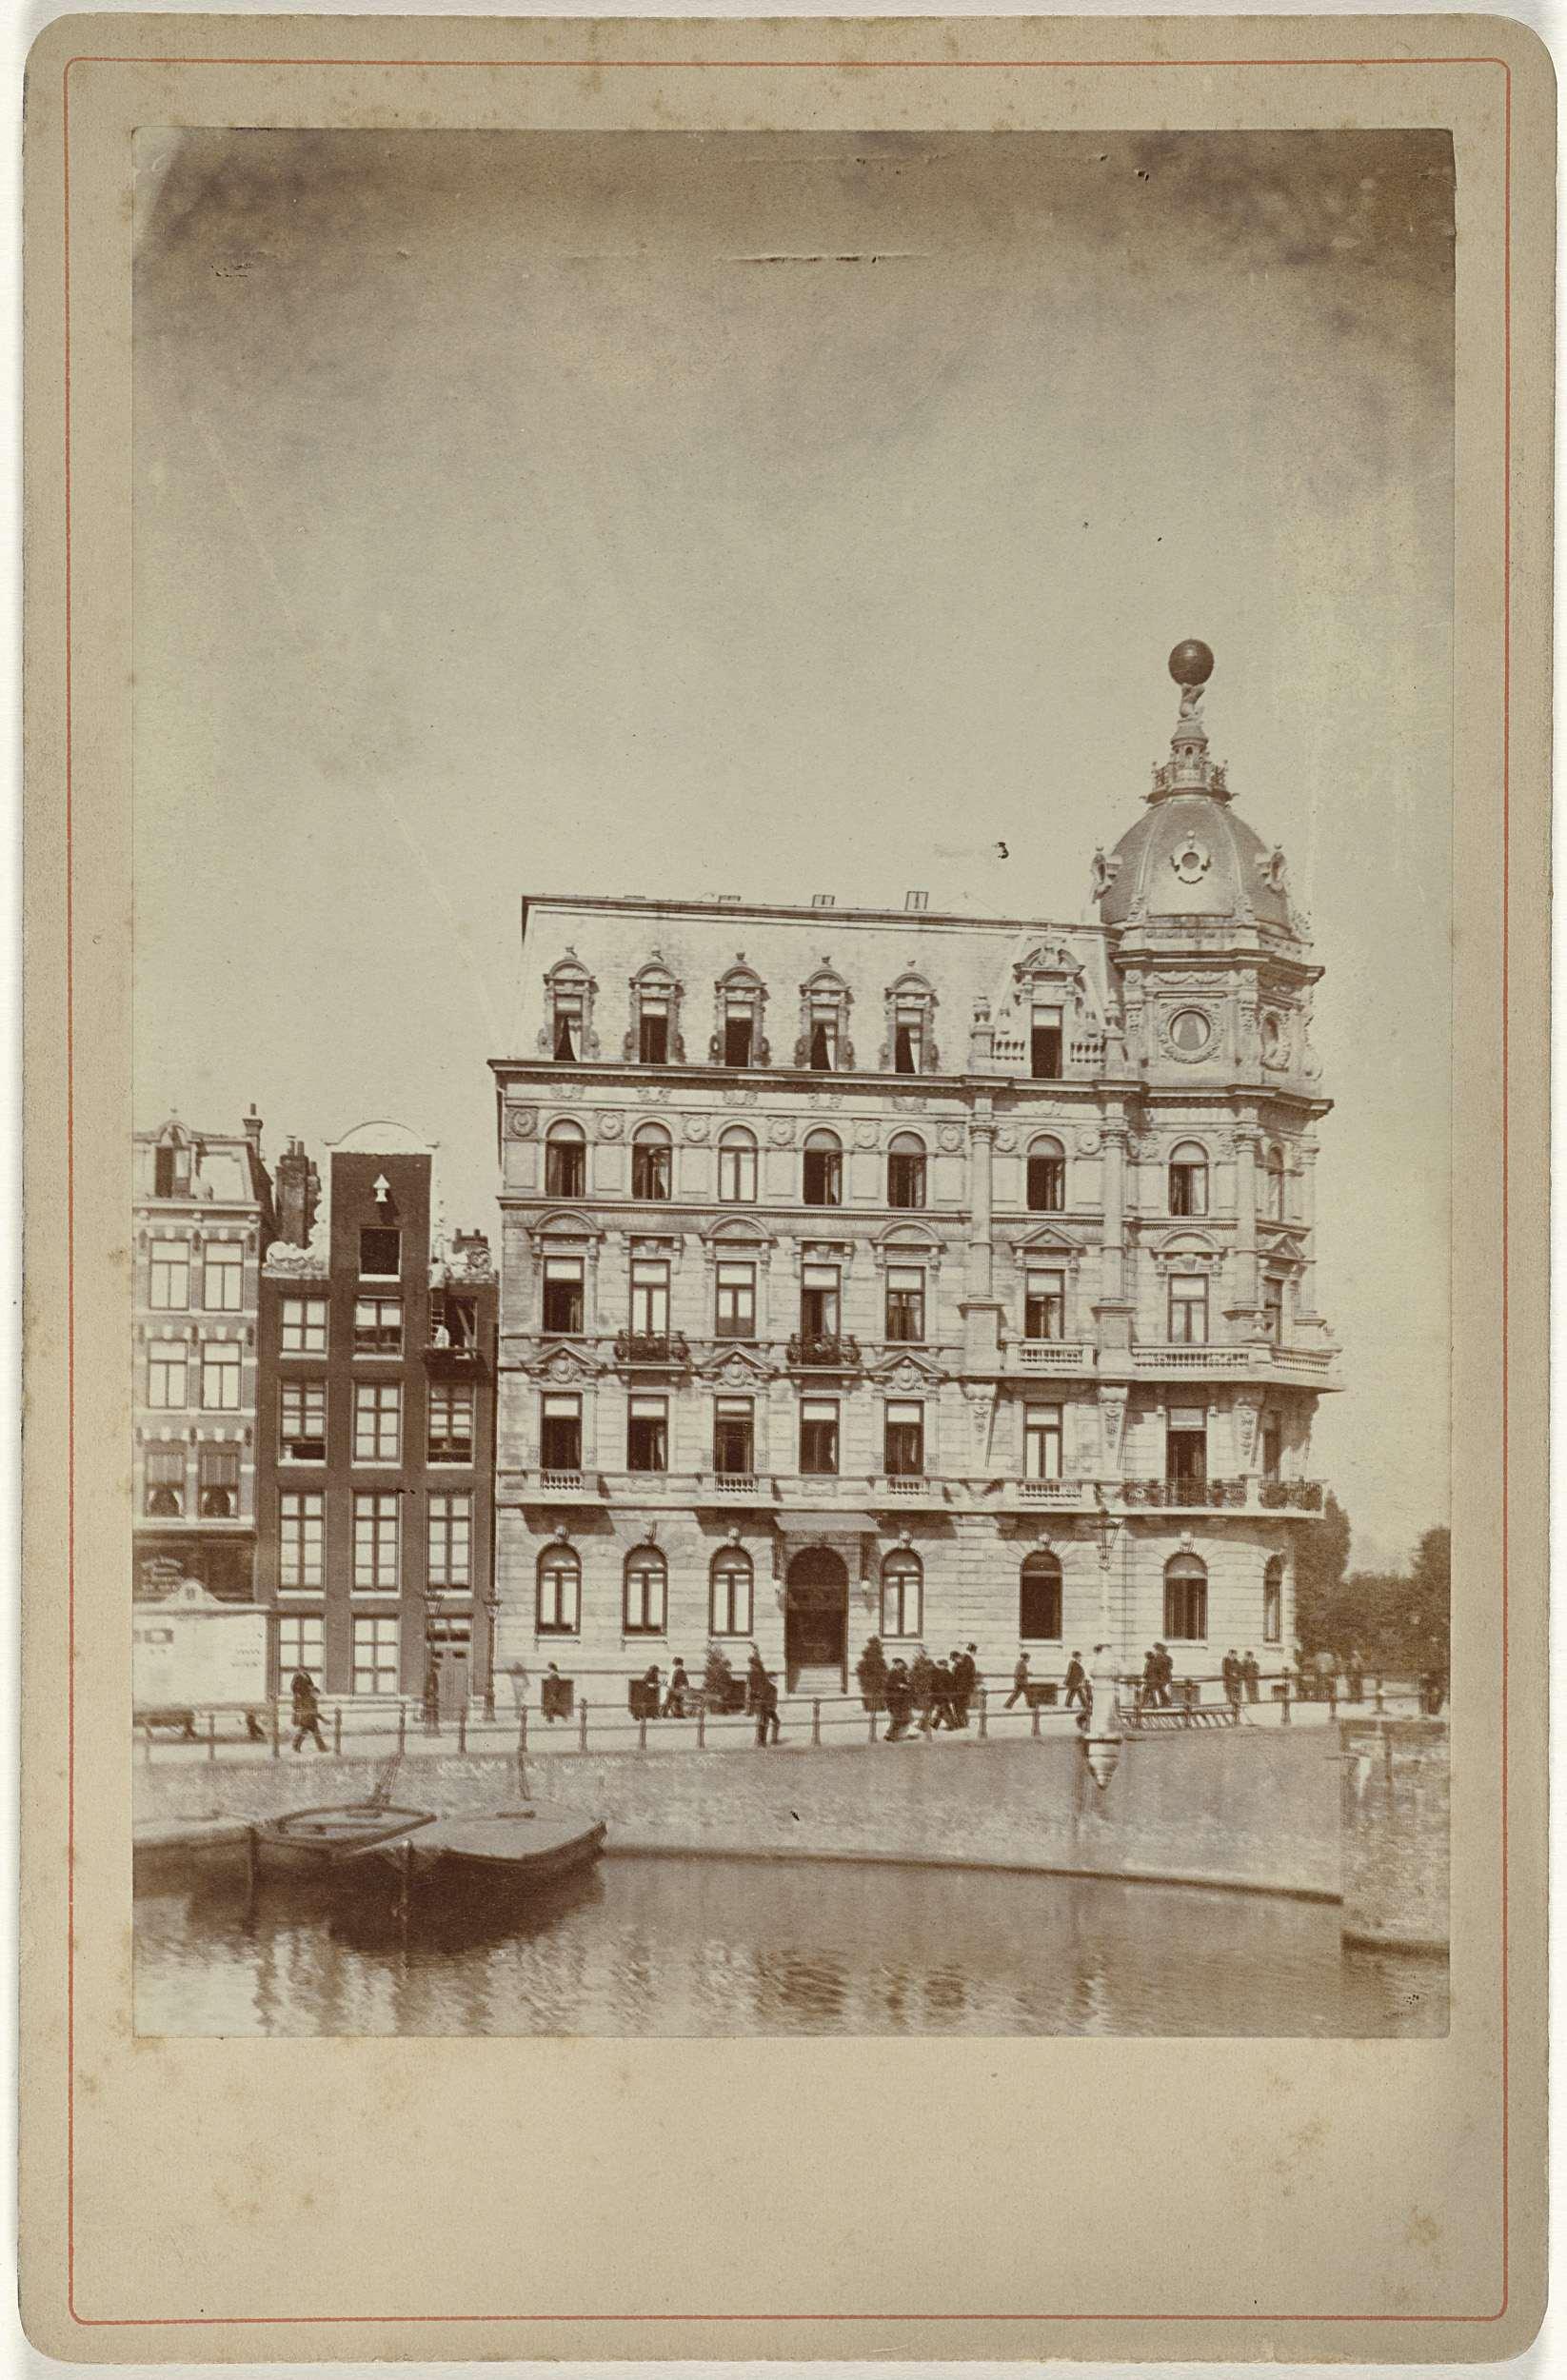 Het Victoria Hotel, Amsterdam (Institution Rijksmuseum)